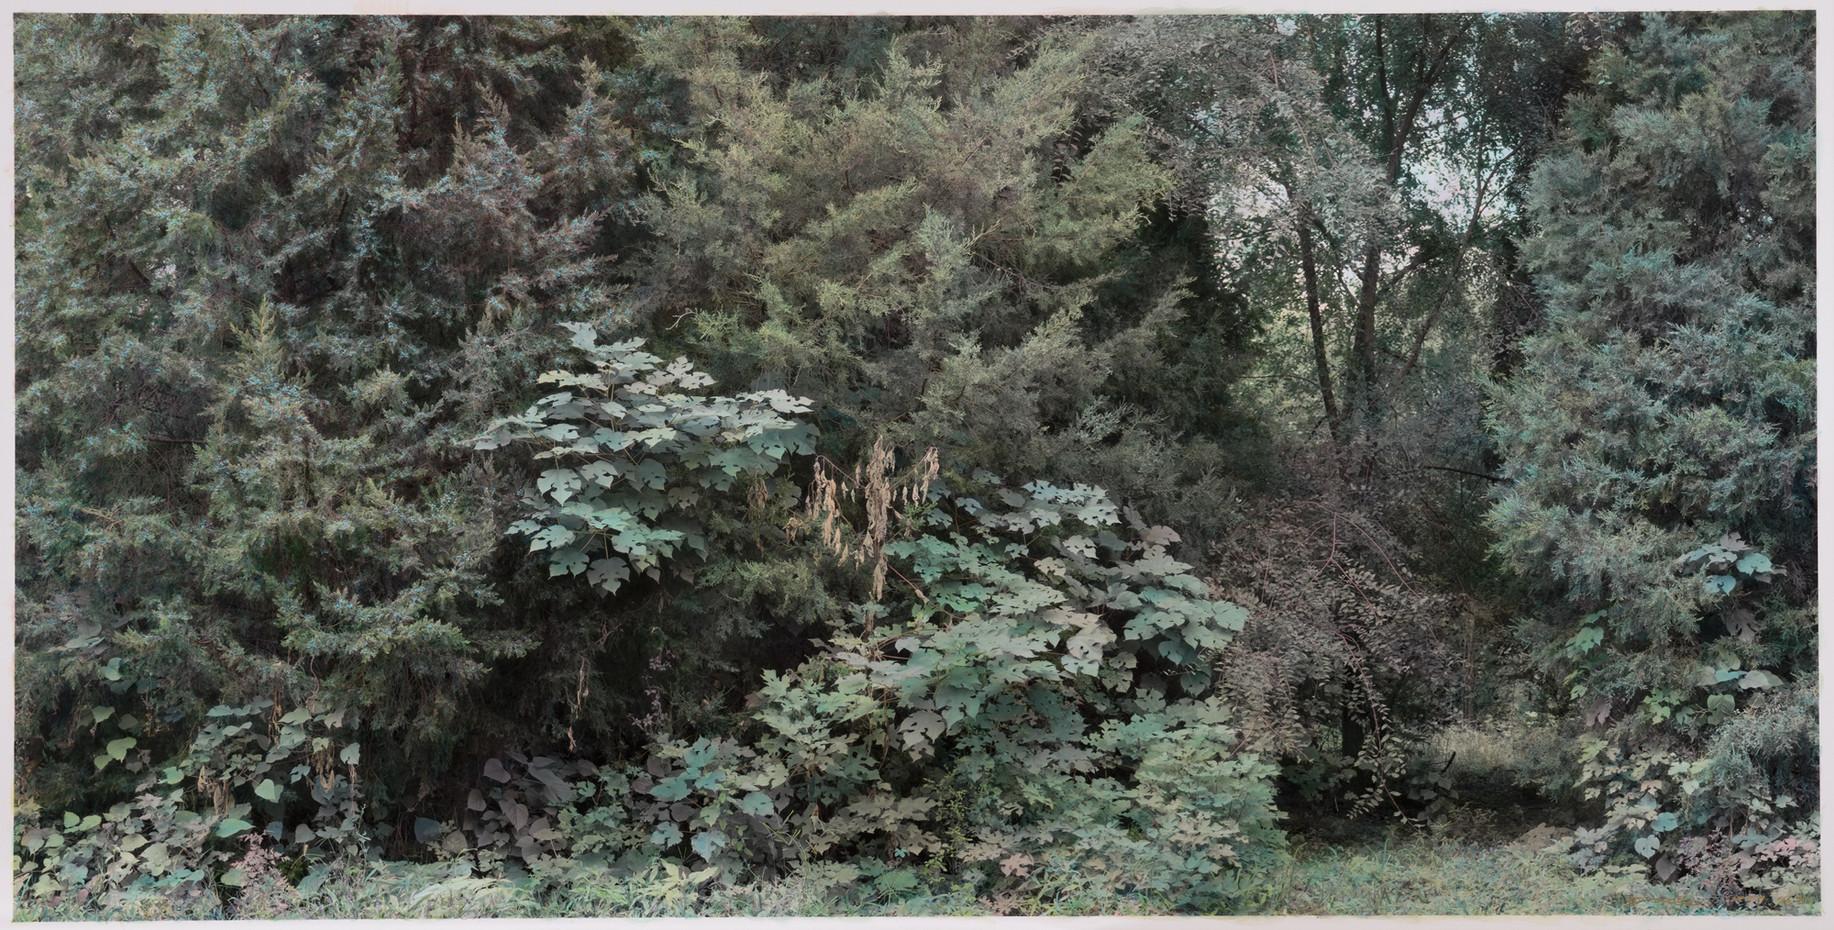 路边风景 | 2018年 | 摄影绘画 | 150×294cm